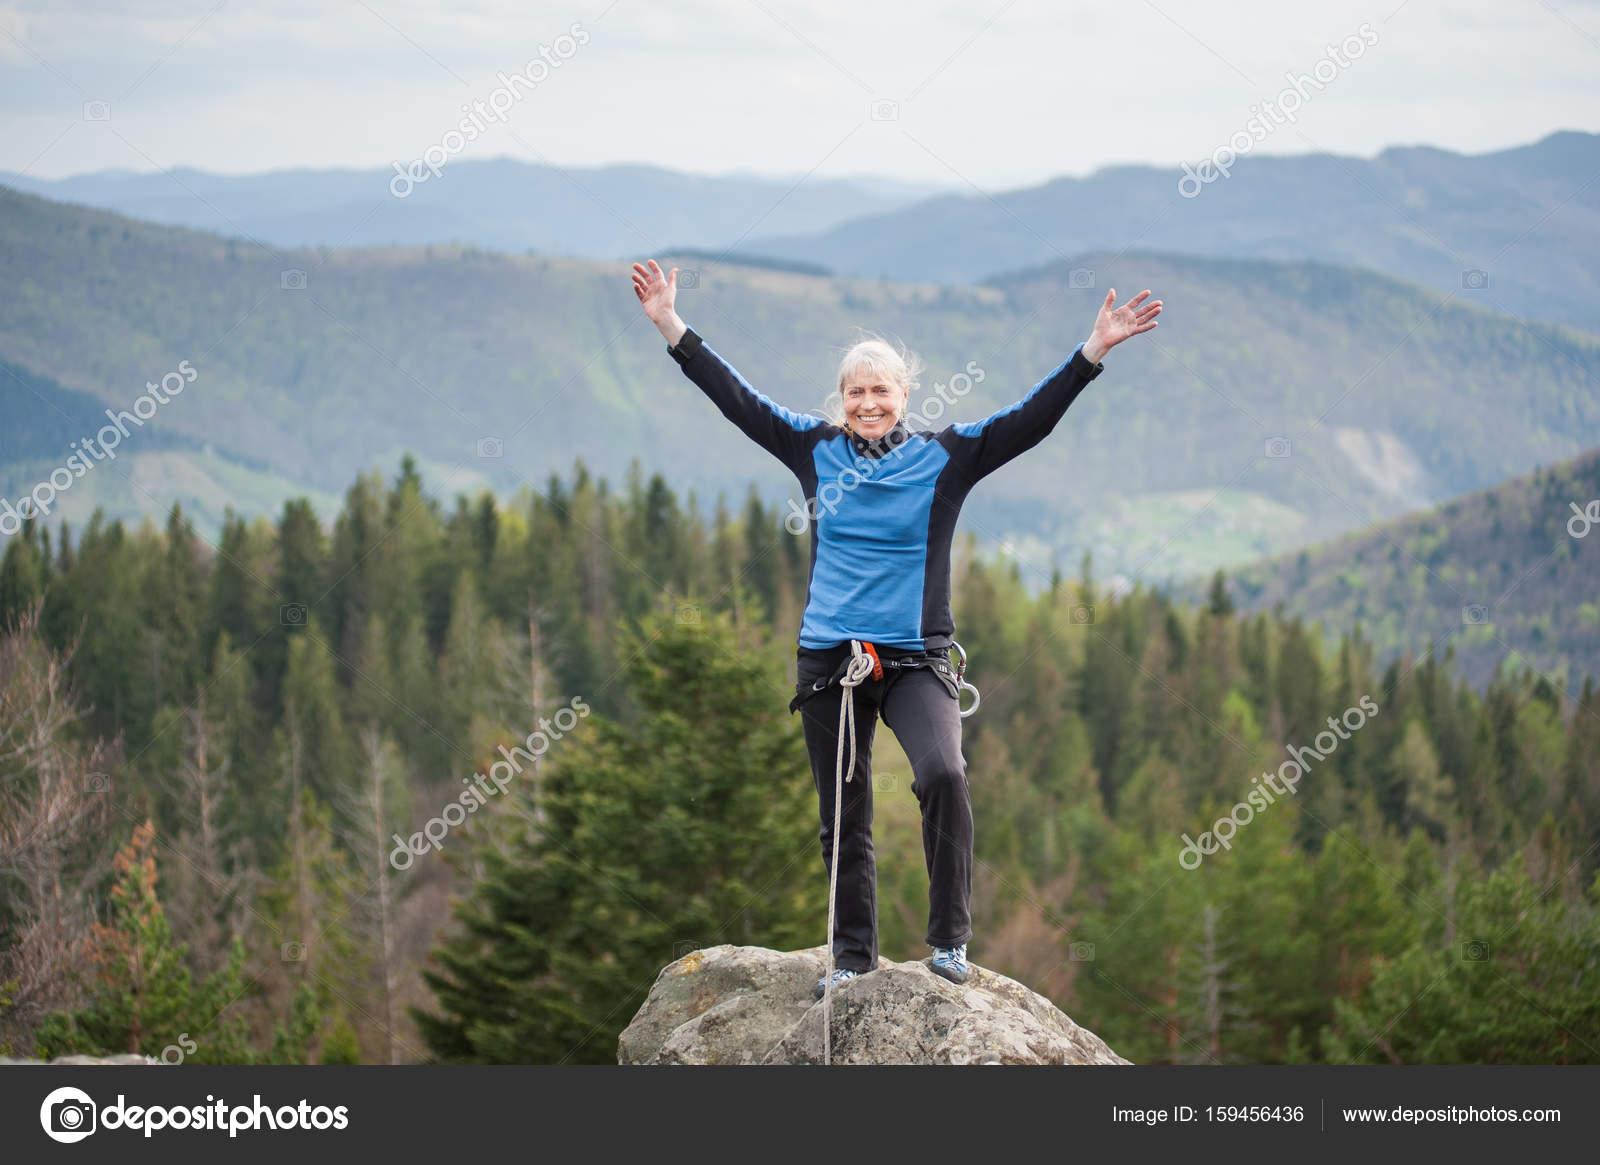 Kletterausrüstung Baum : Weibliche bergsteiger auf dem gipfel des felsens mit